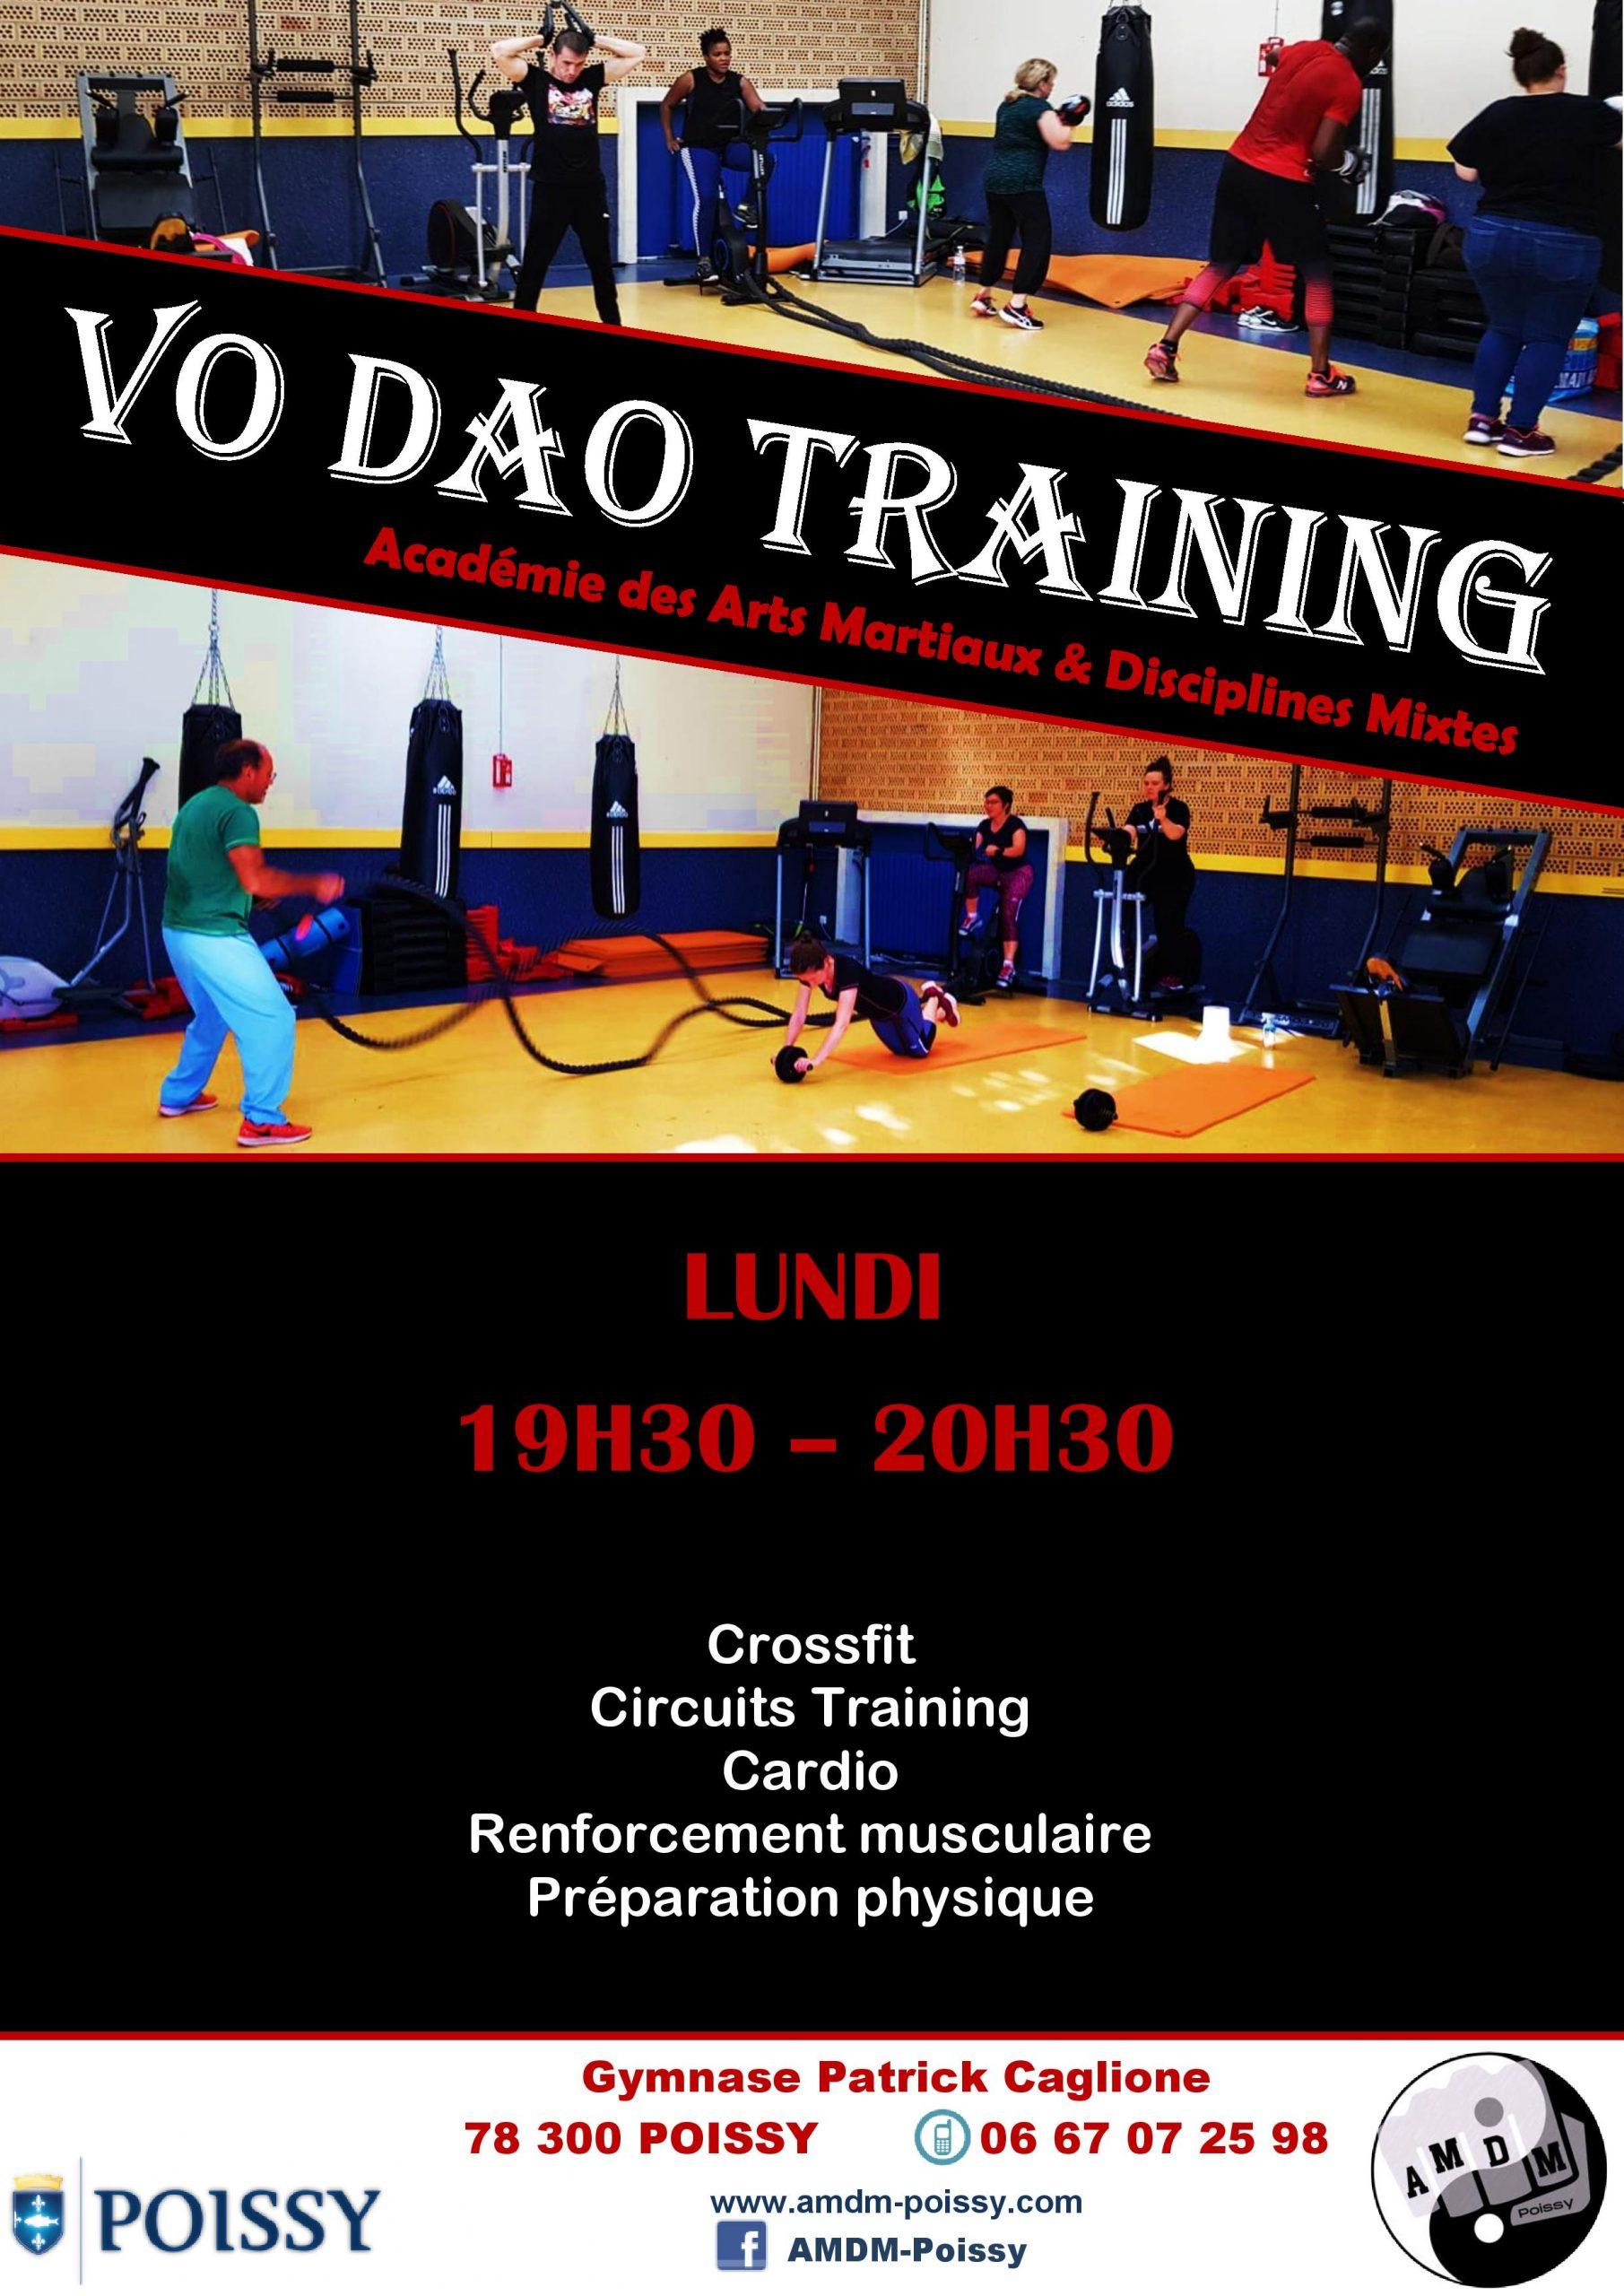 Affiche Vo Dao Training